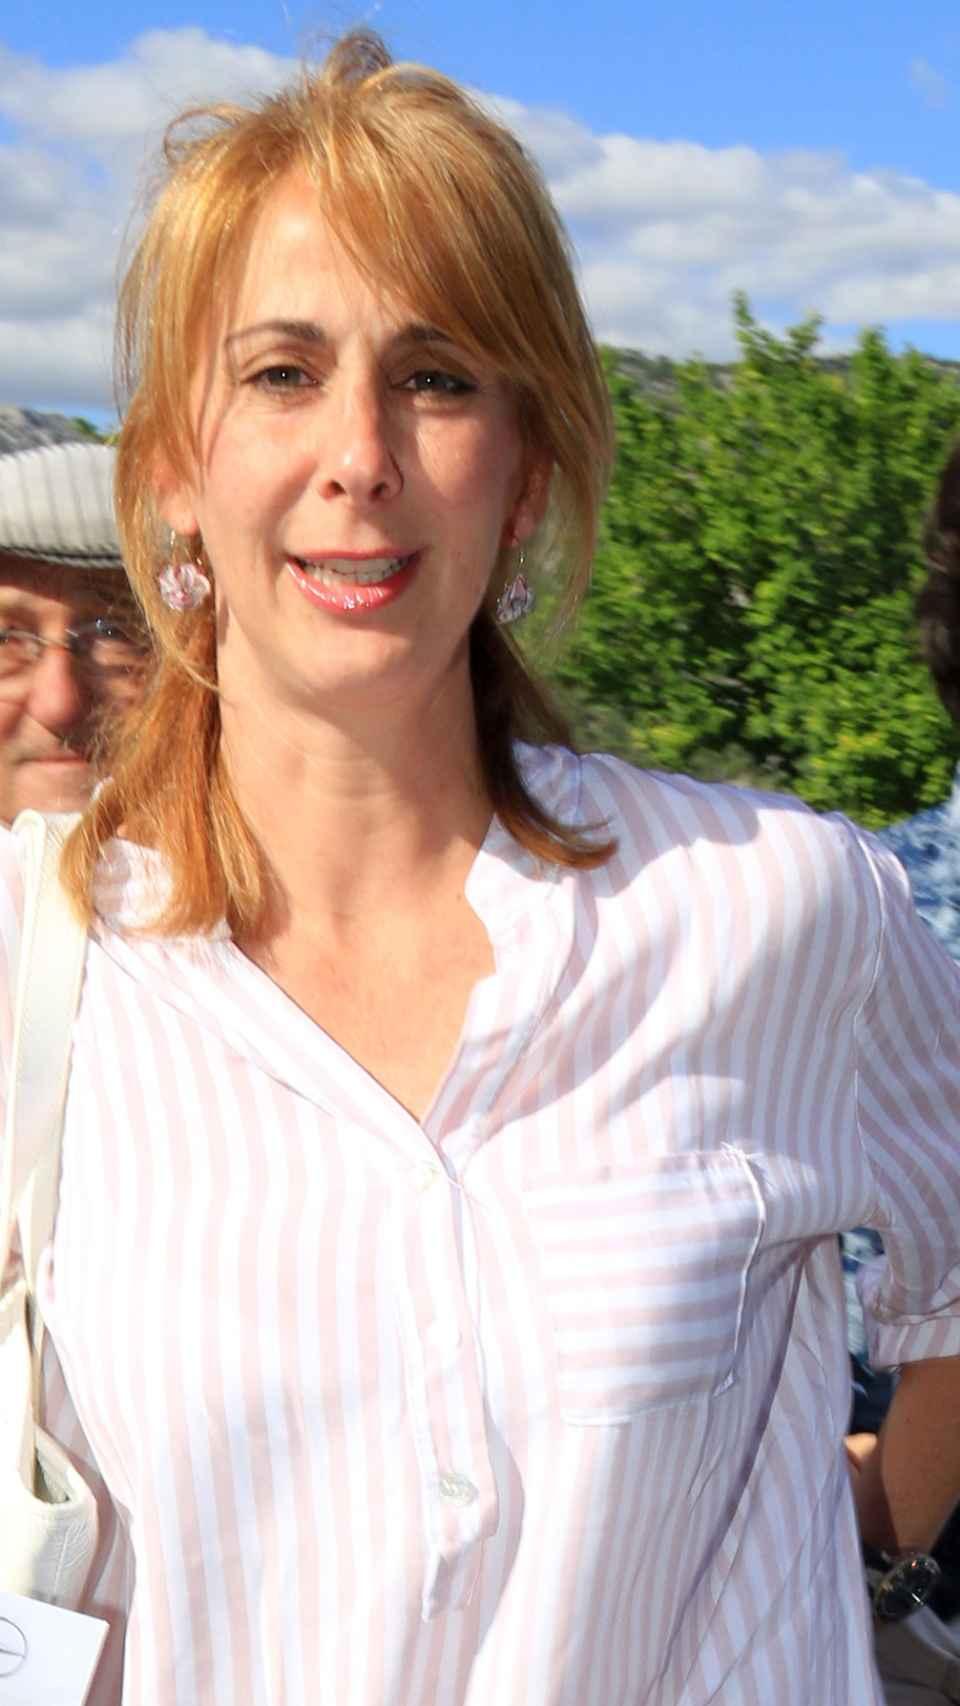 Carmen Janeiro en una imagen de archivo fechada en 2018.